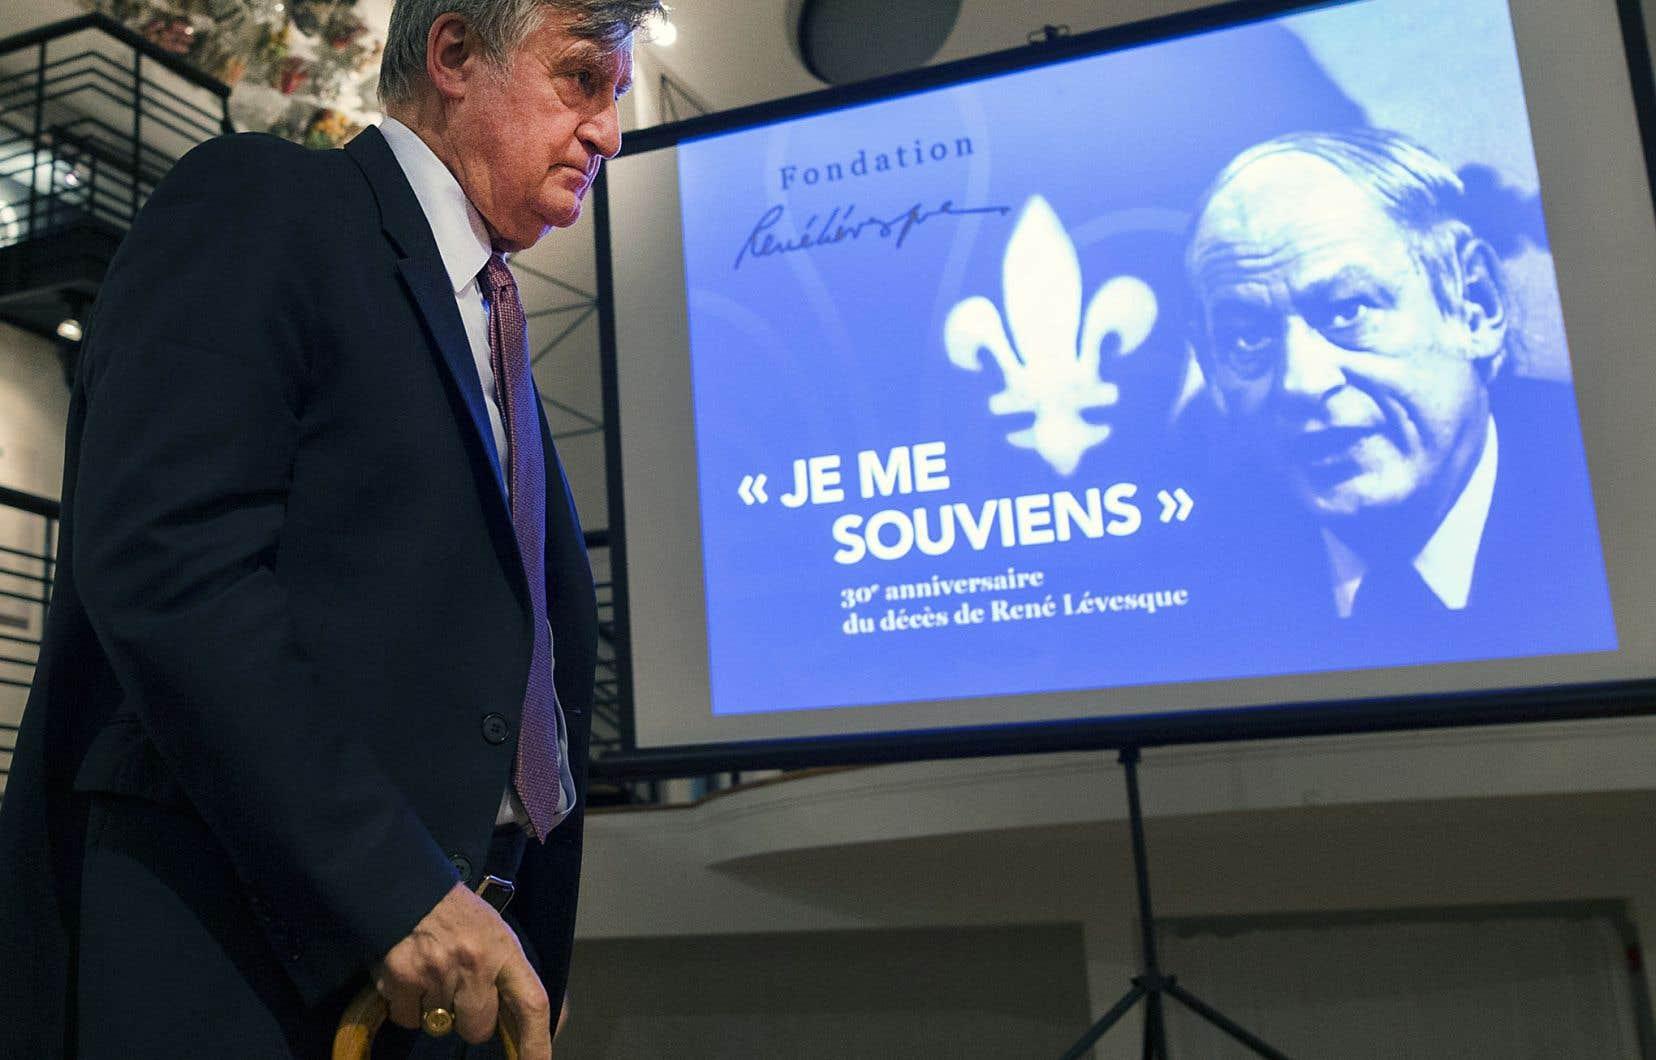 «[Aujourd'hui] tout se passe comme si René Lévesque avait emporté avec lui la ferveur qui a animé le Québec et son époque», a lancé Lucien Bouchard lors de l'hommage organisé mercredi à l'Écomusée du fier monde, à Montréal.